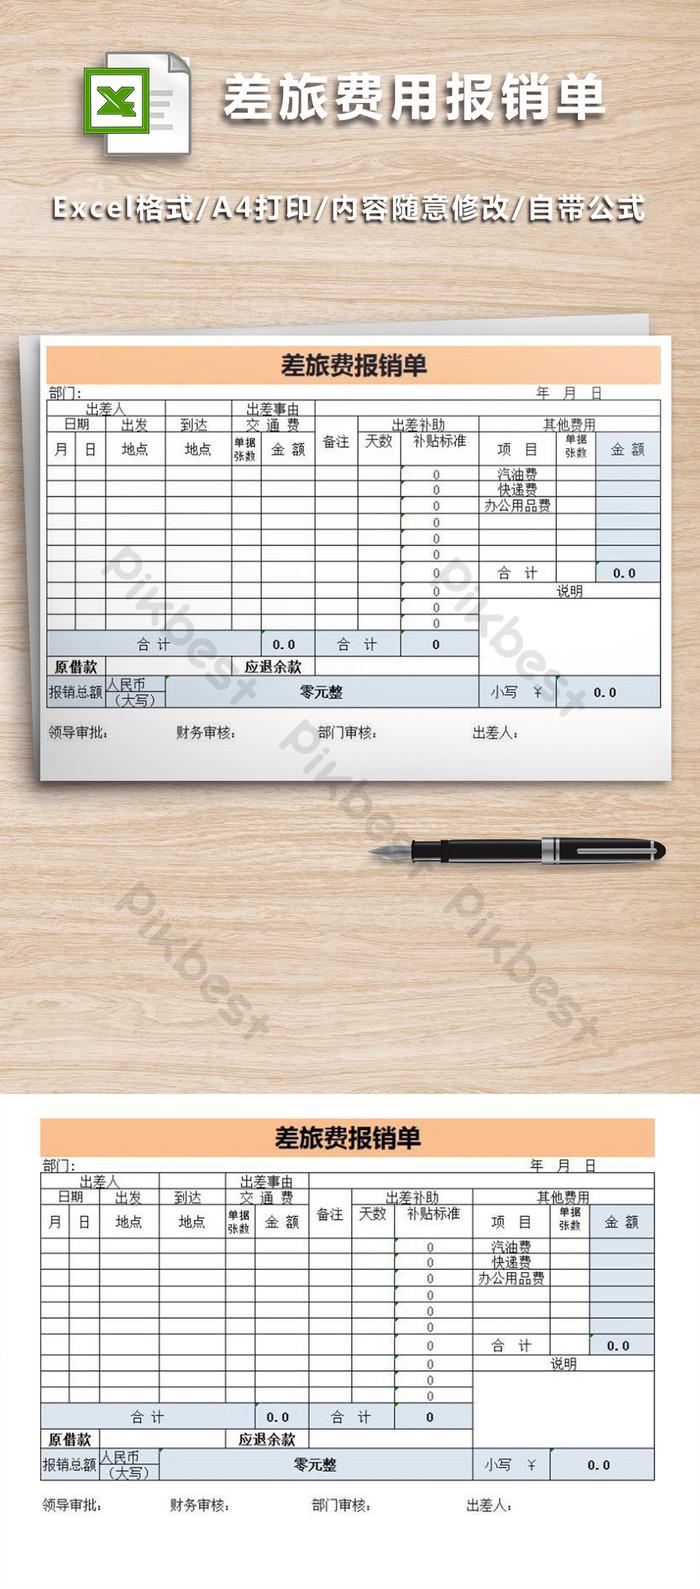 自動計算差旅費用報銷單| Excel模板素材免費下載 - Pikbest